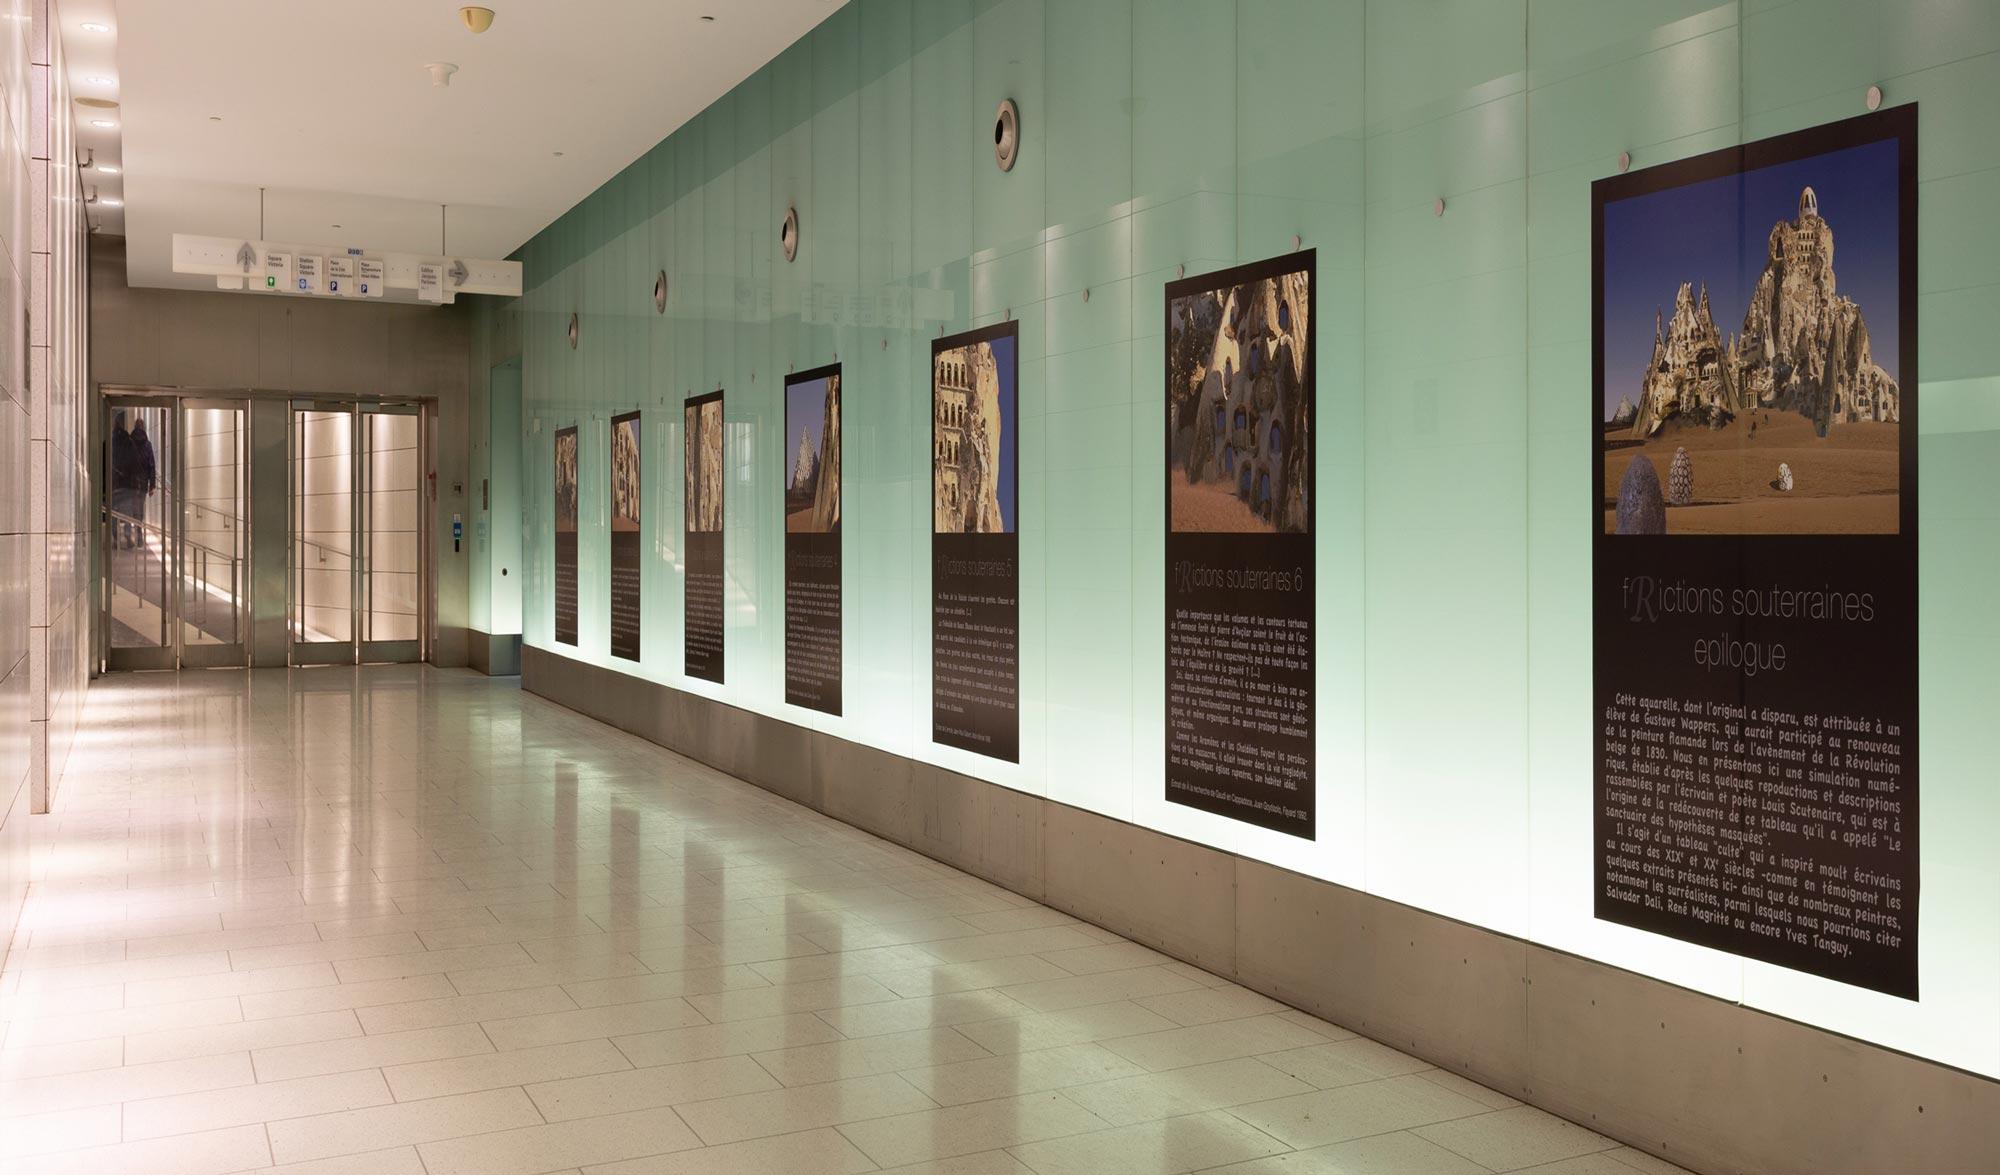 f[R]ictions souterraines, Festival Art Souterrain, Montréal © Olivier Huet 2019, photographie Mike Patten